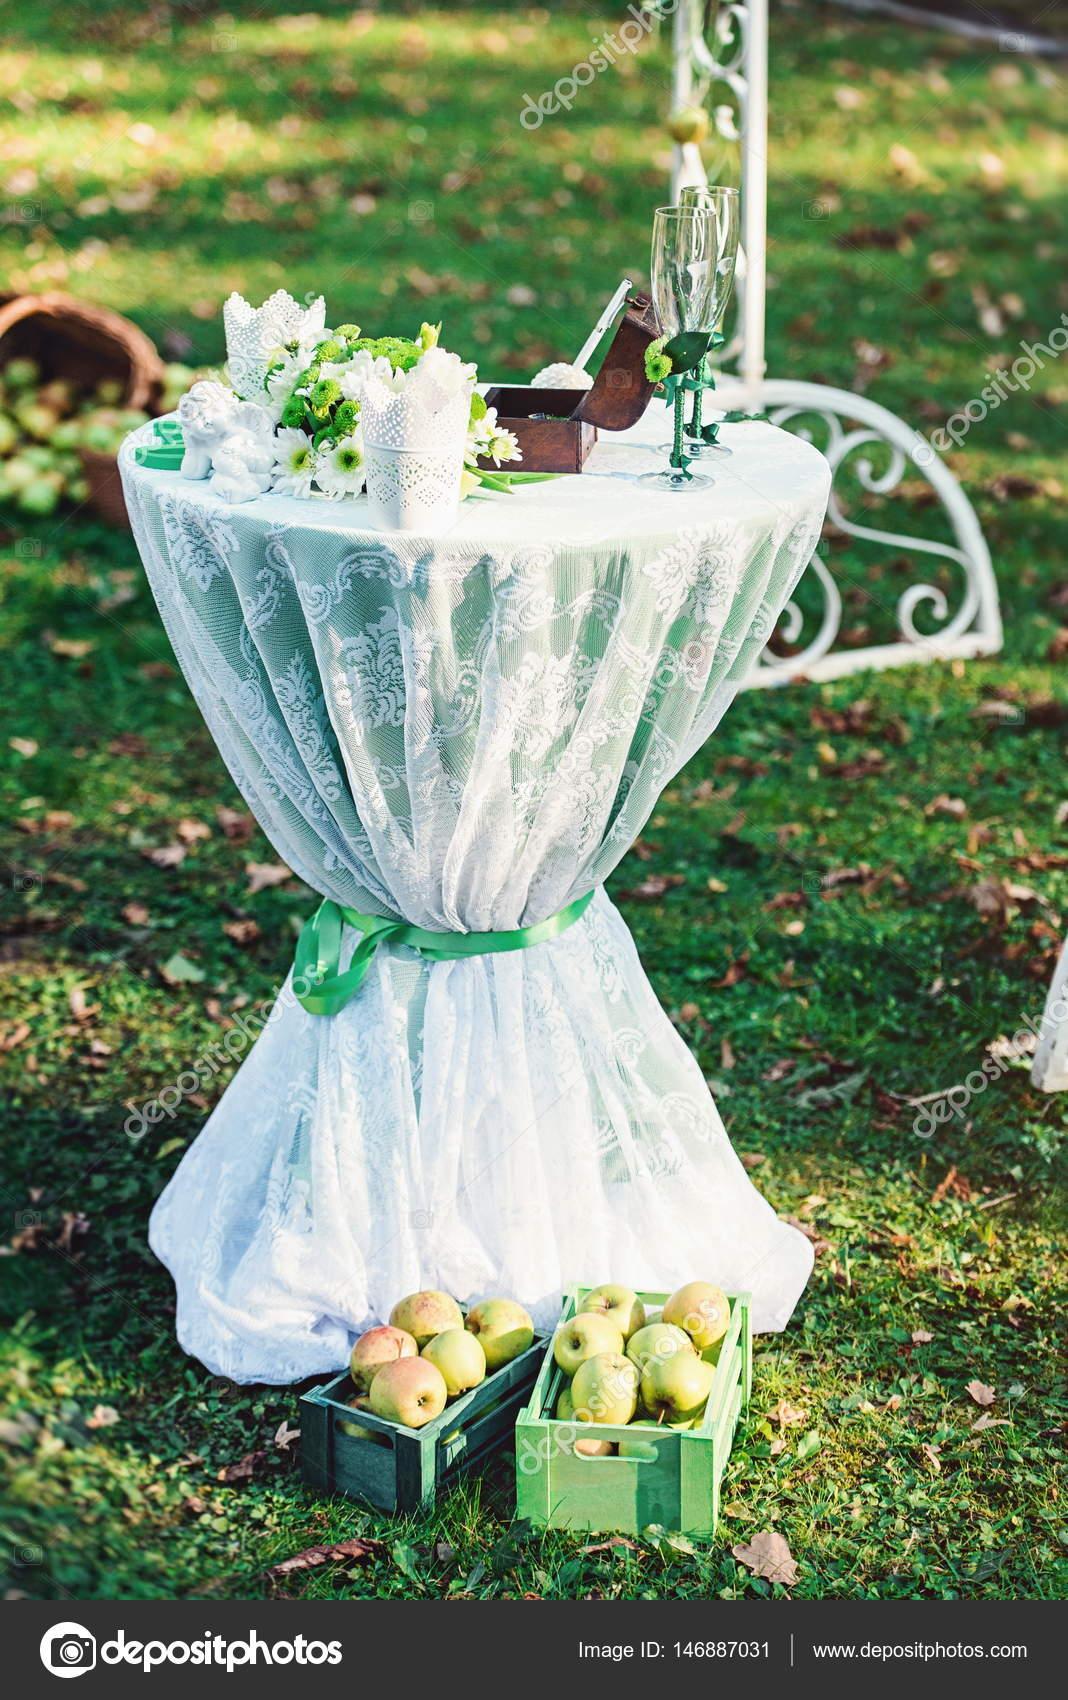 Grune Hochzeitsdekorationen Tisch Mit Einem Grunen Tuch Stockfoto